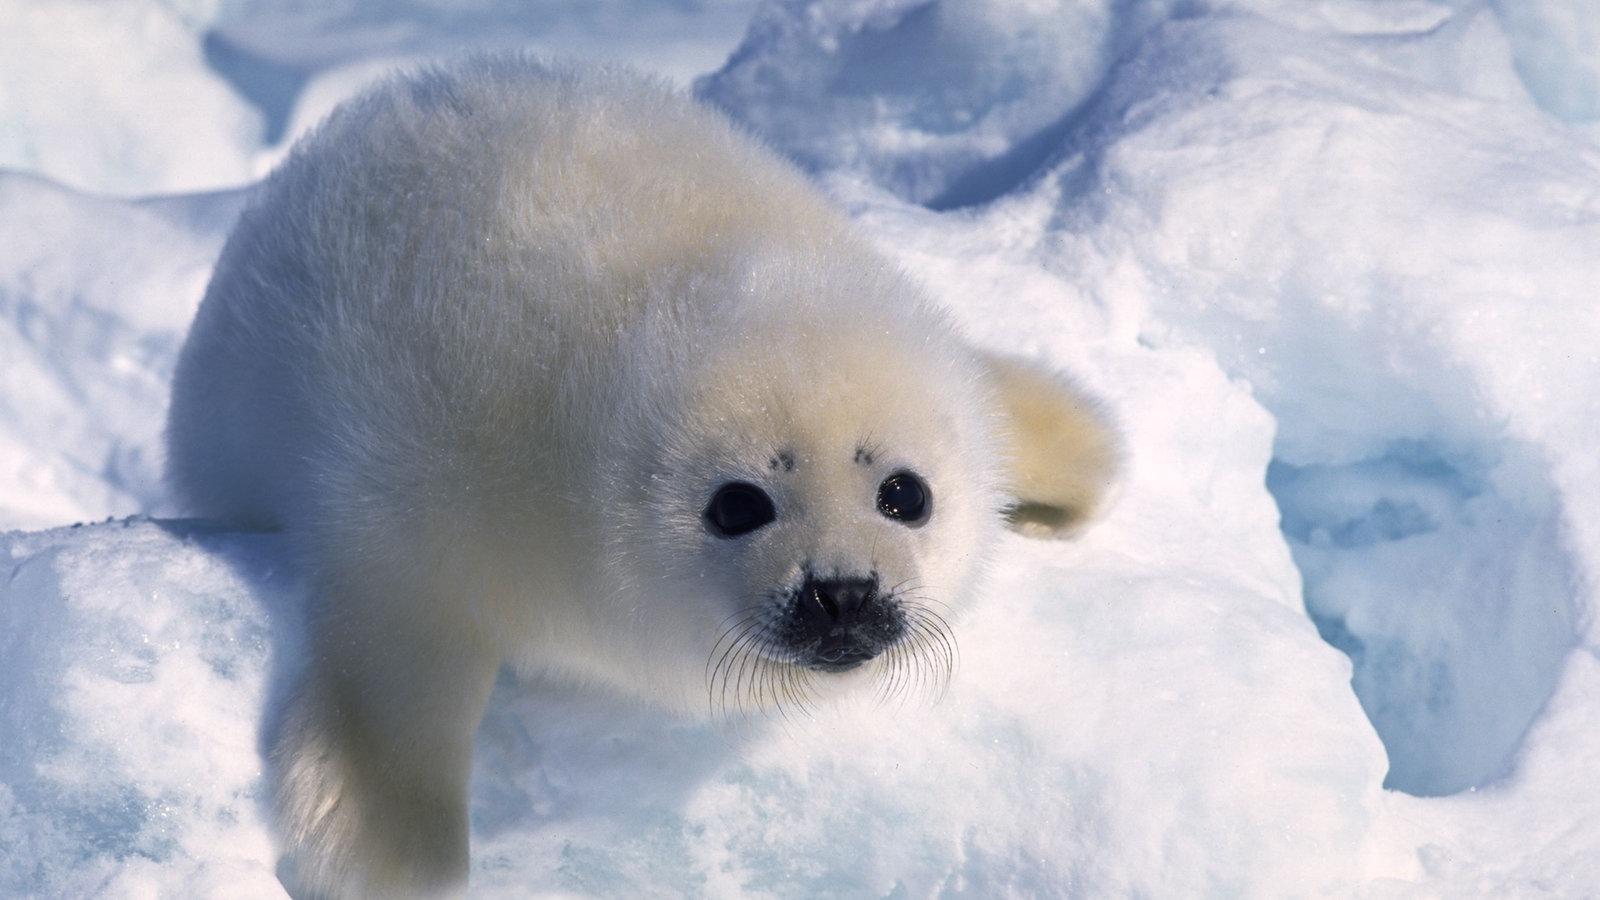 Polarregionen: Arktische Tierwelt - Polarregionen - Natur - Planet ...